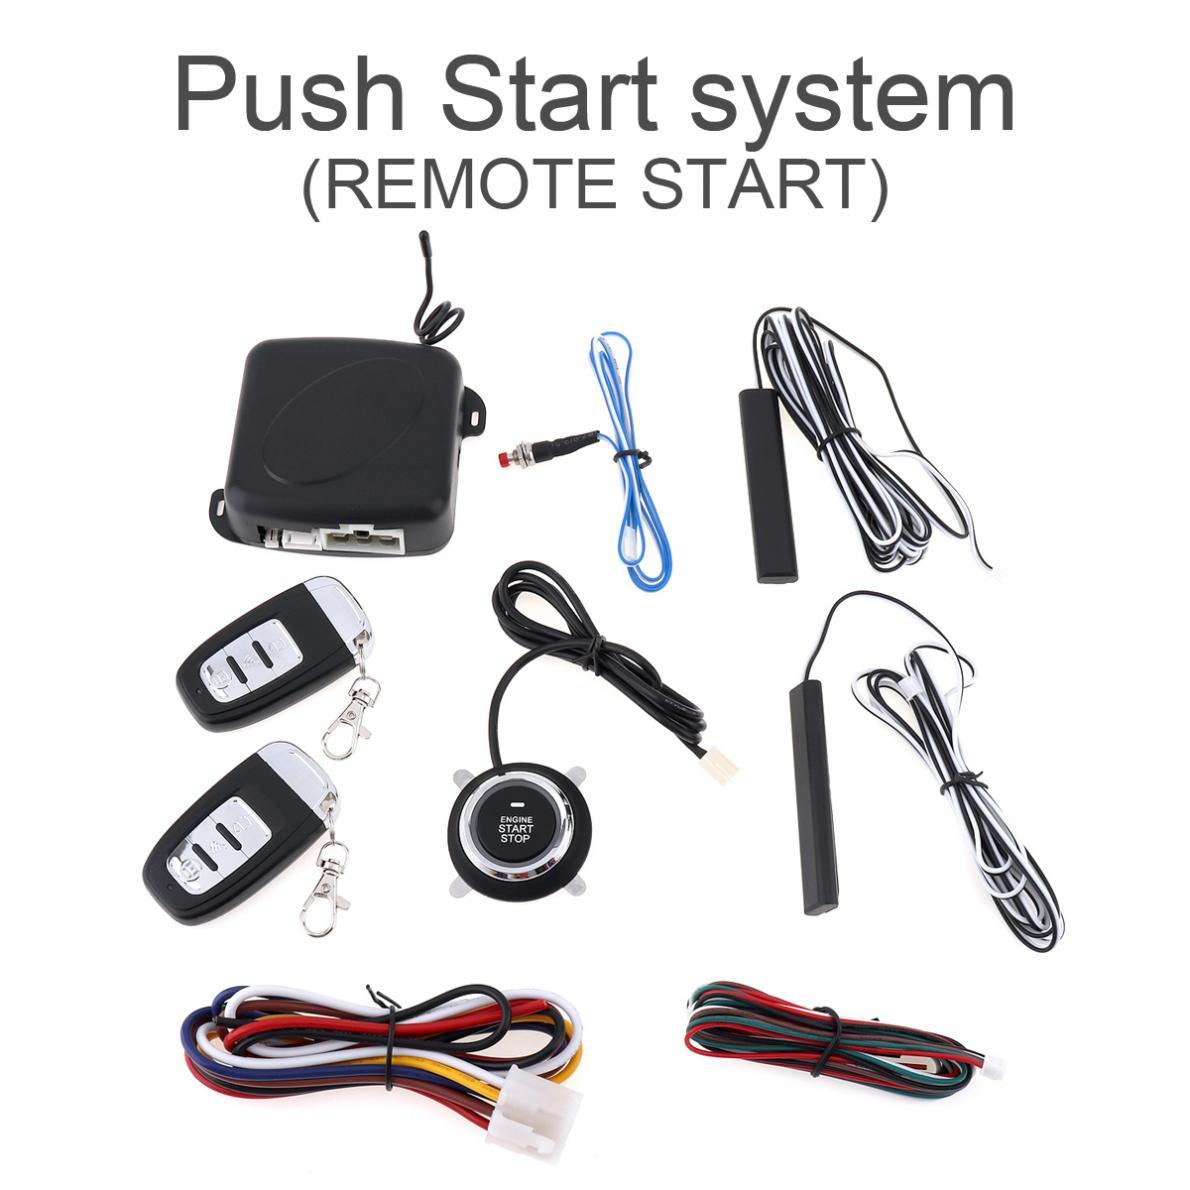 Smart Auto Moteurs D'alarme De Voiture Starline Push Bouton Start Stop RFID Serrure Commutateur D'allumage Système D'entrée Sans Clé de Démarrage Anti-vol